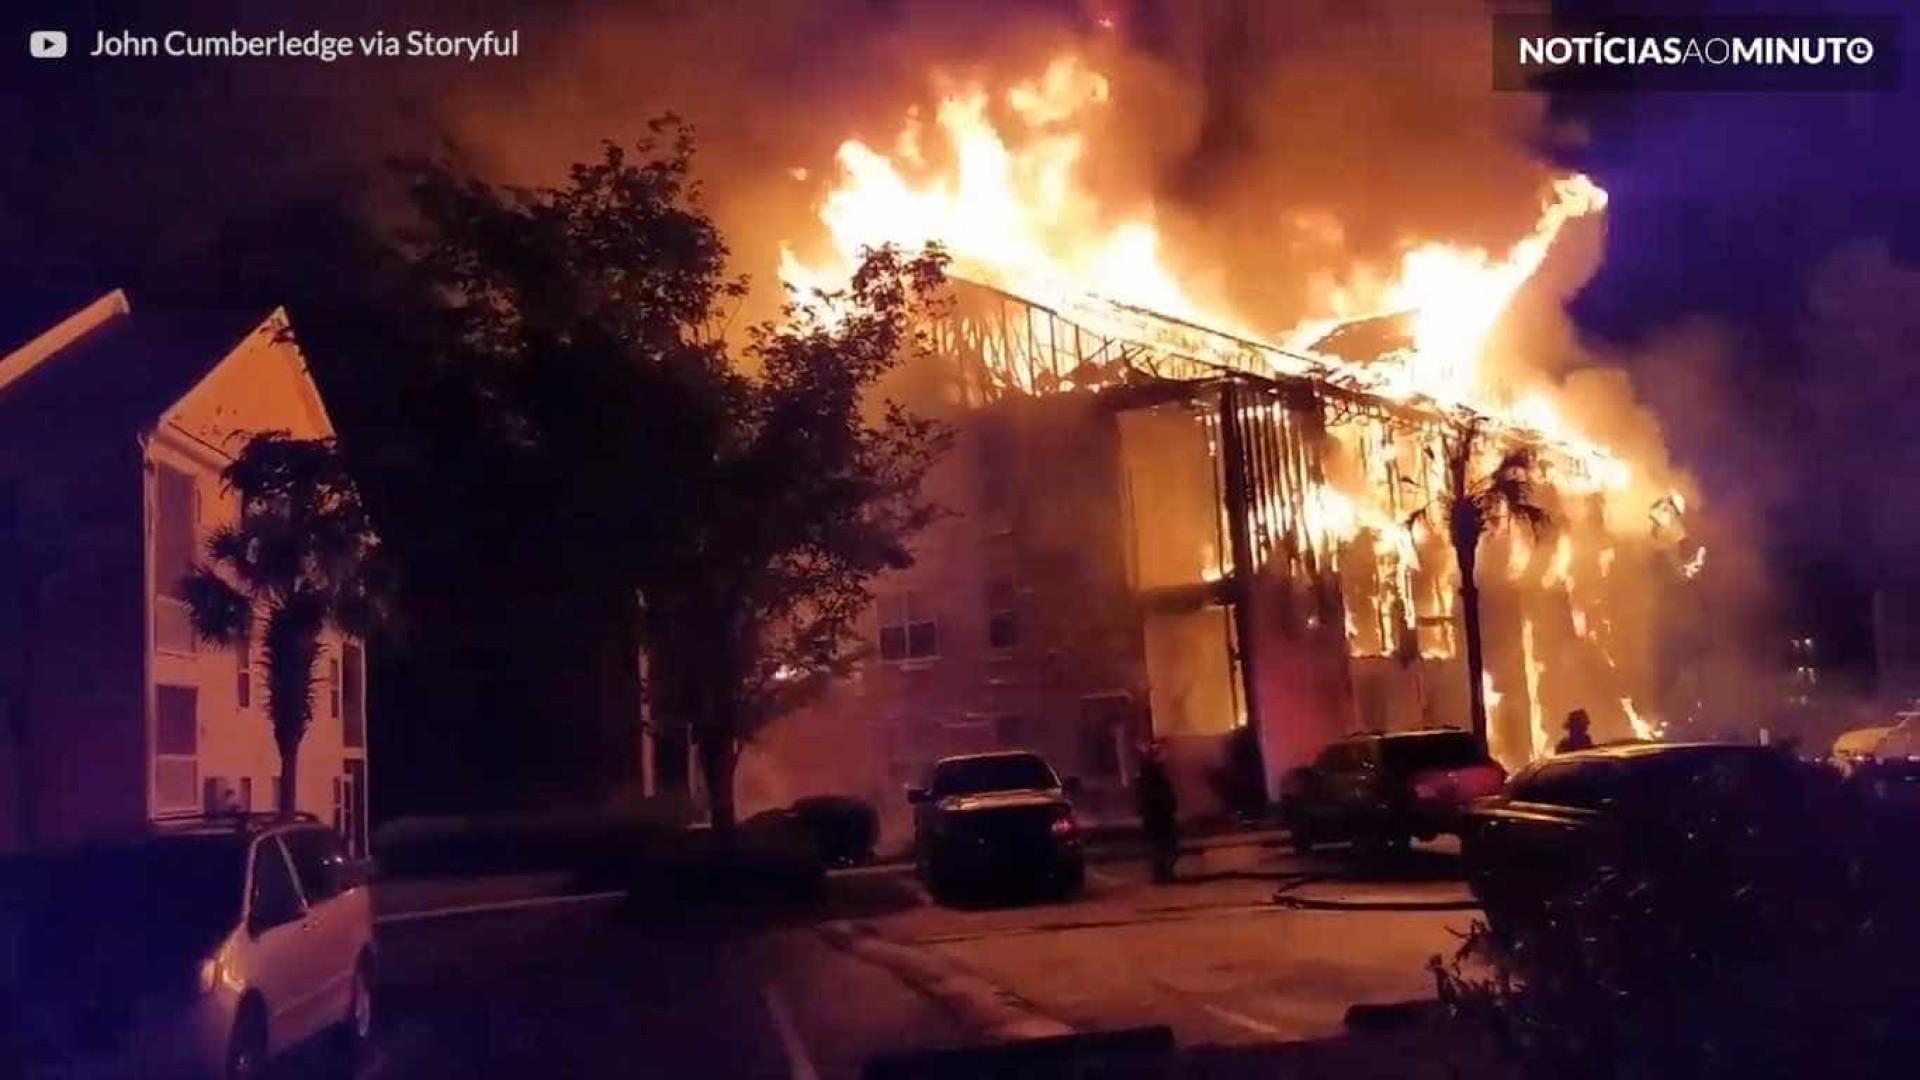 Incêndio na Carolina do Sul destrói edifício; vídeo